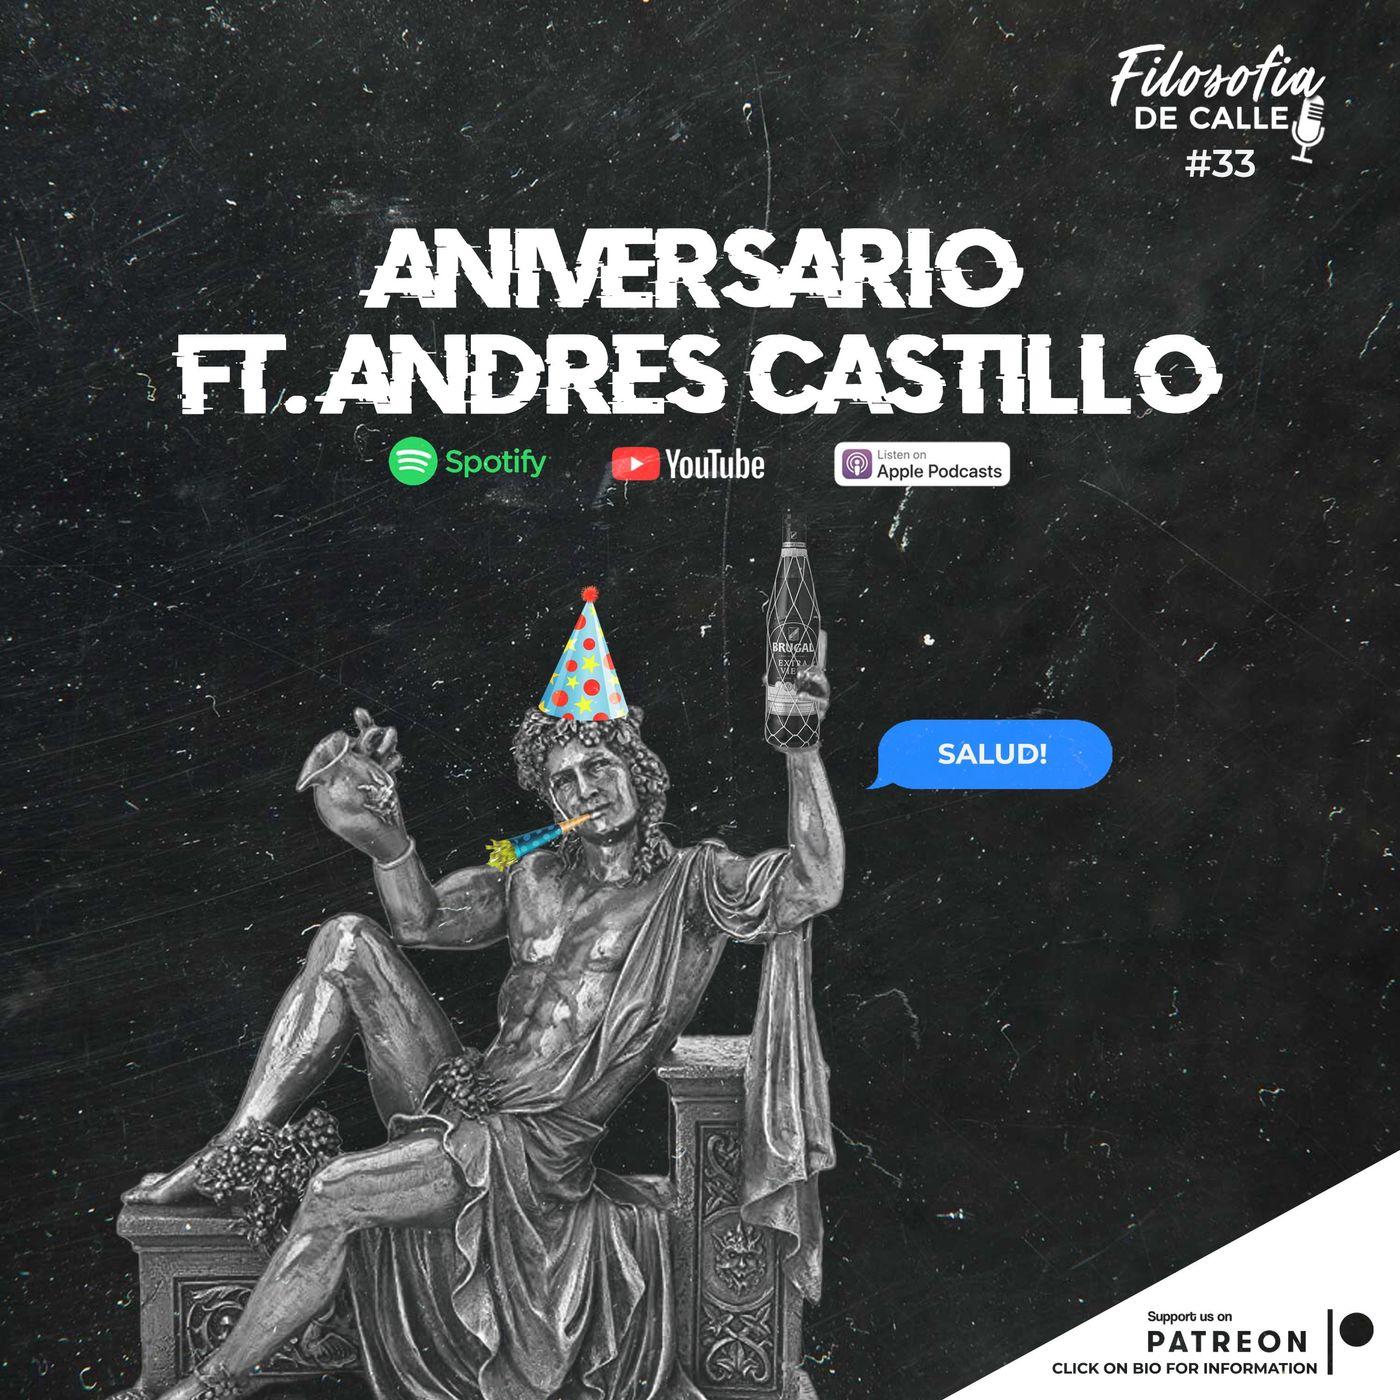 033. Aniversario ft Andres Castillo